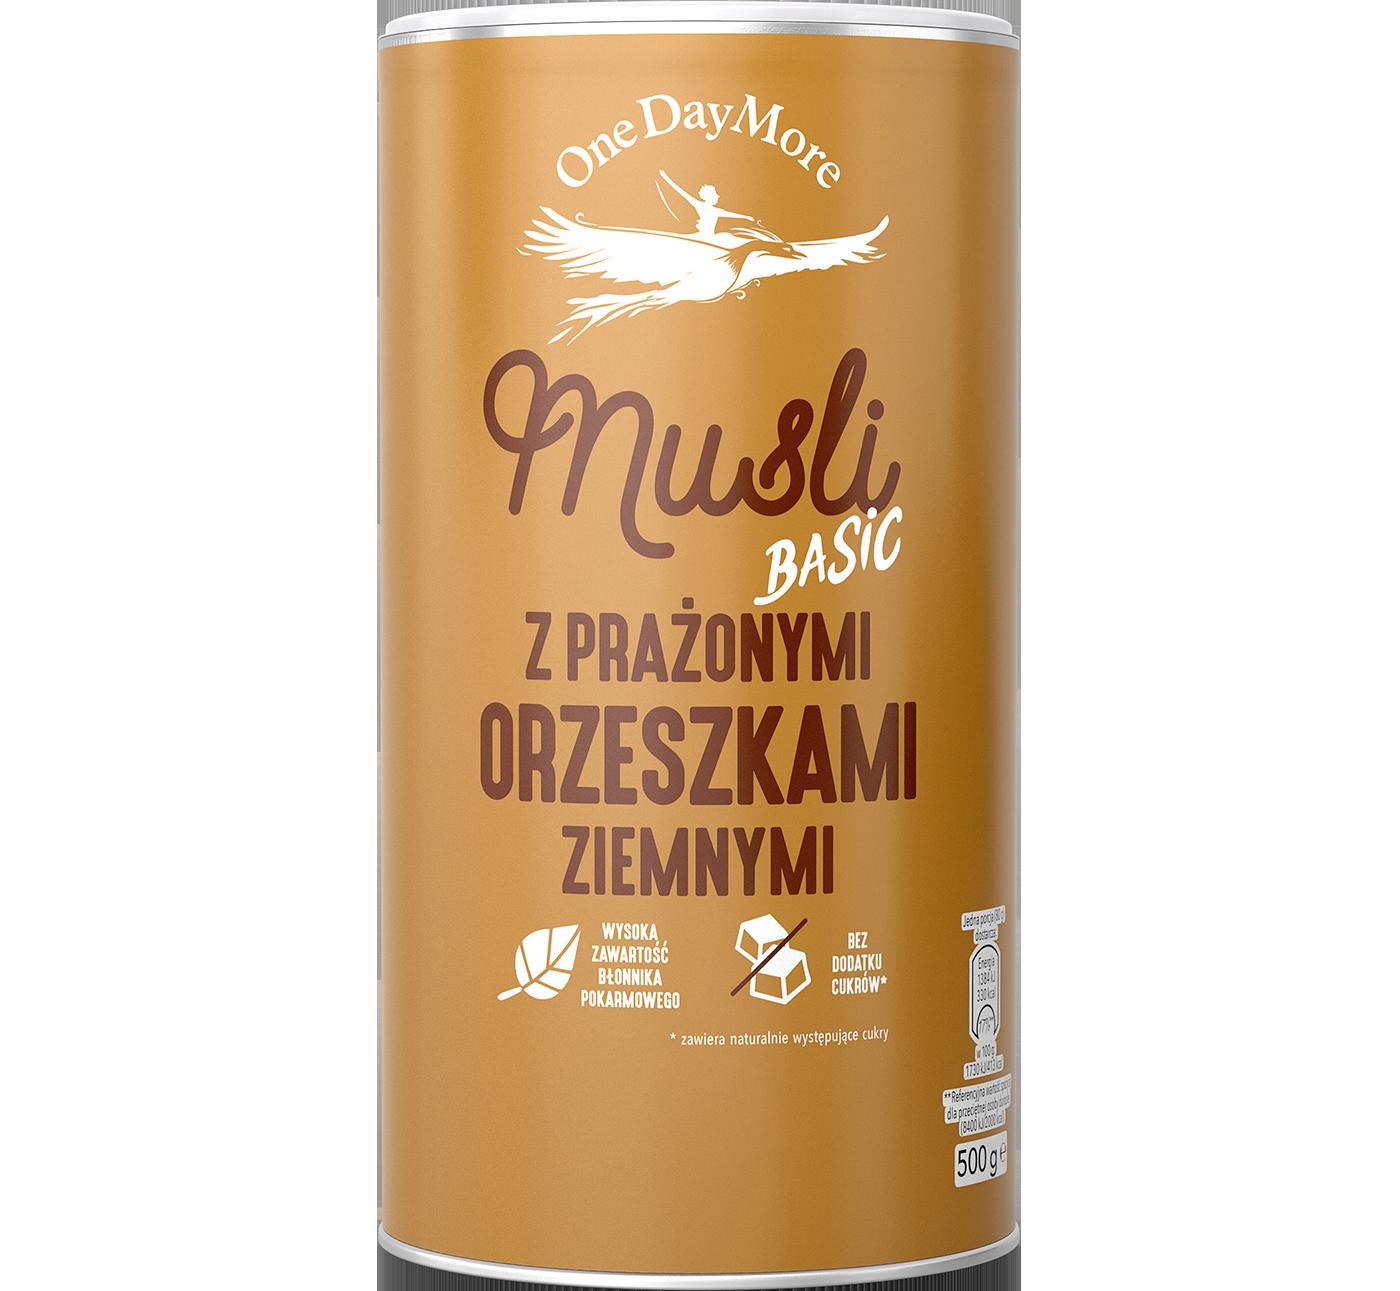 musli-z-prazonymi-orzeszkami-ziemnymi-front-onedaymore-1400×1291